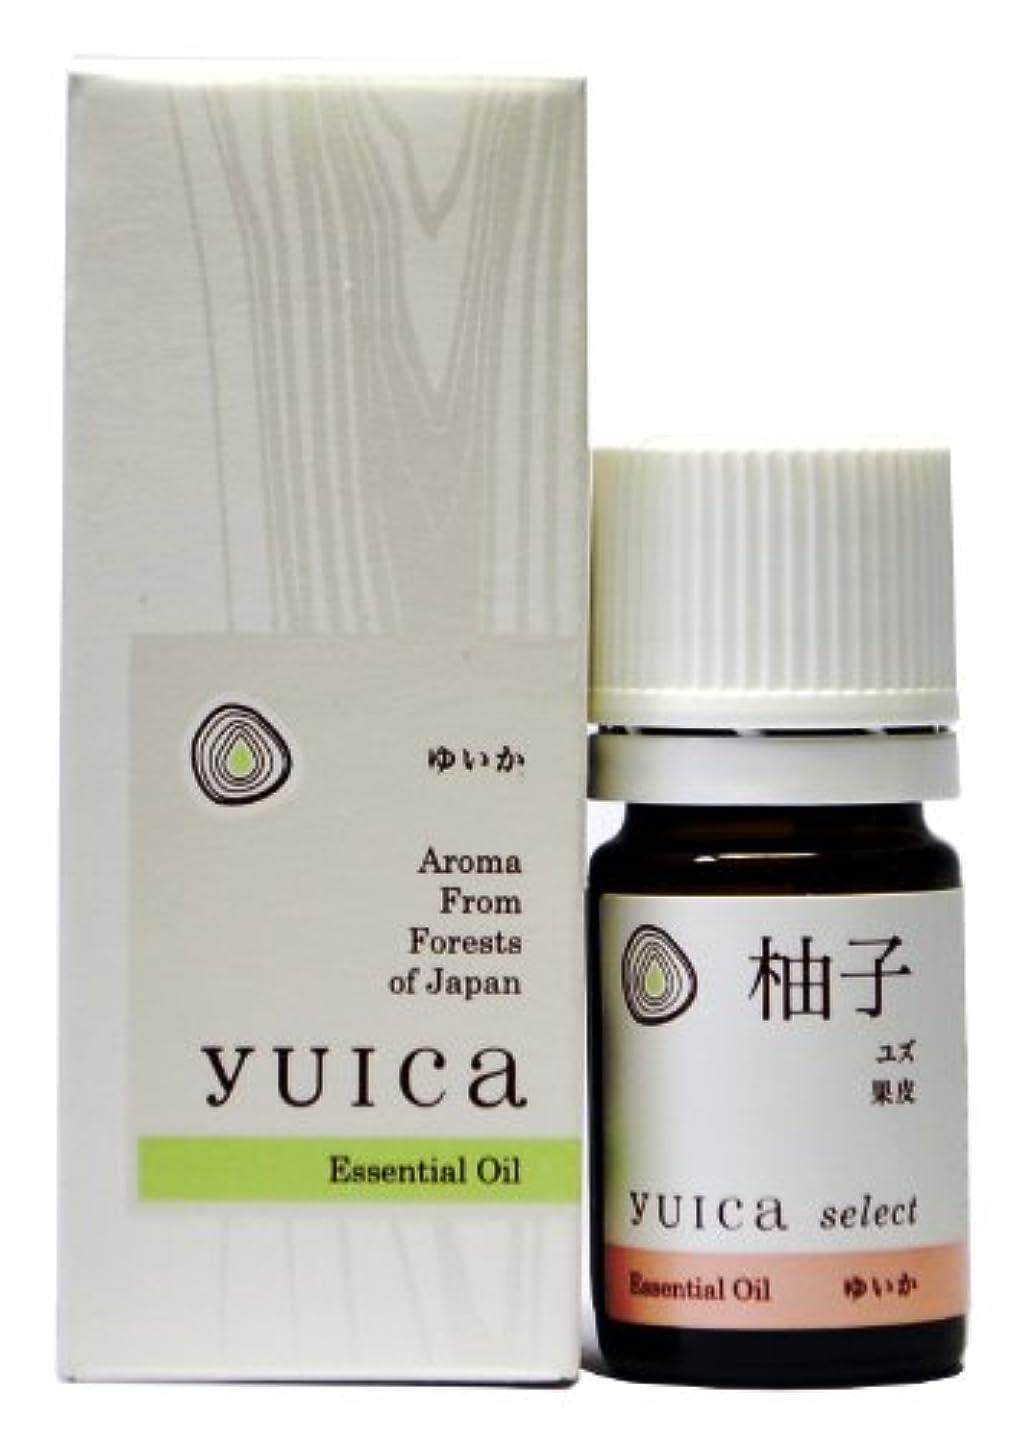 インチ灰パキスタン人yuica select エッセンシャルオイル ユズ(果皮部) 5mL